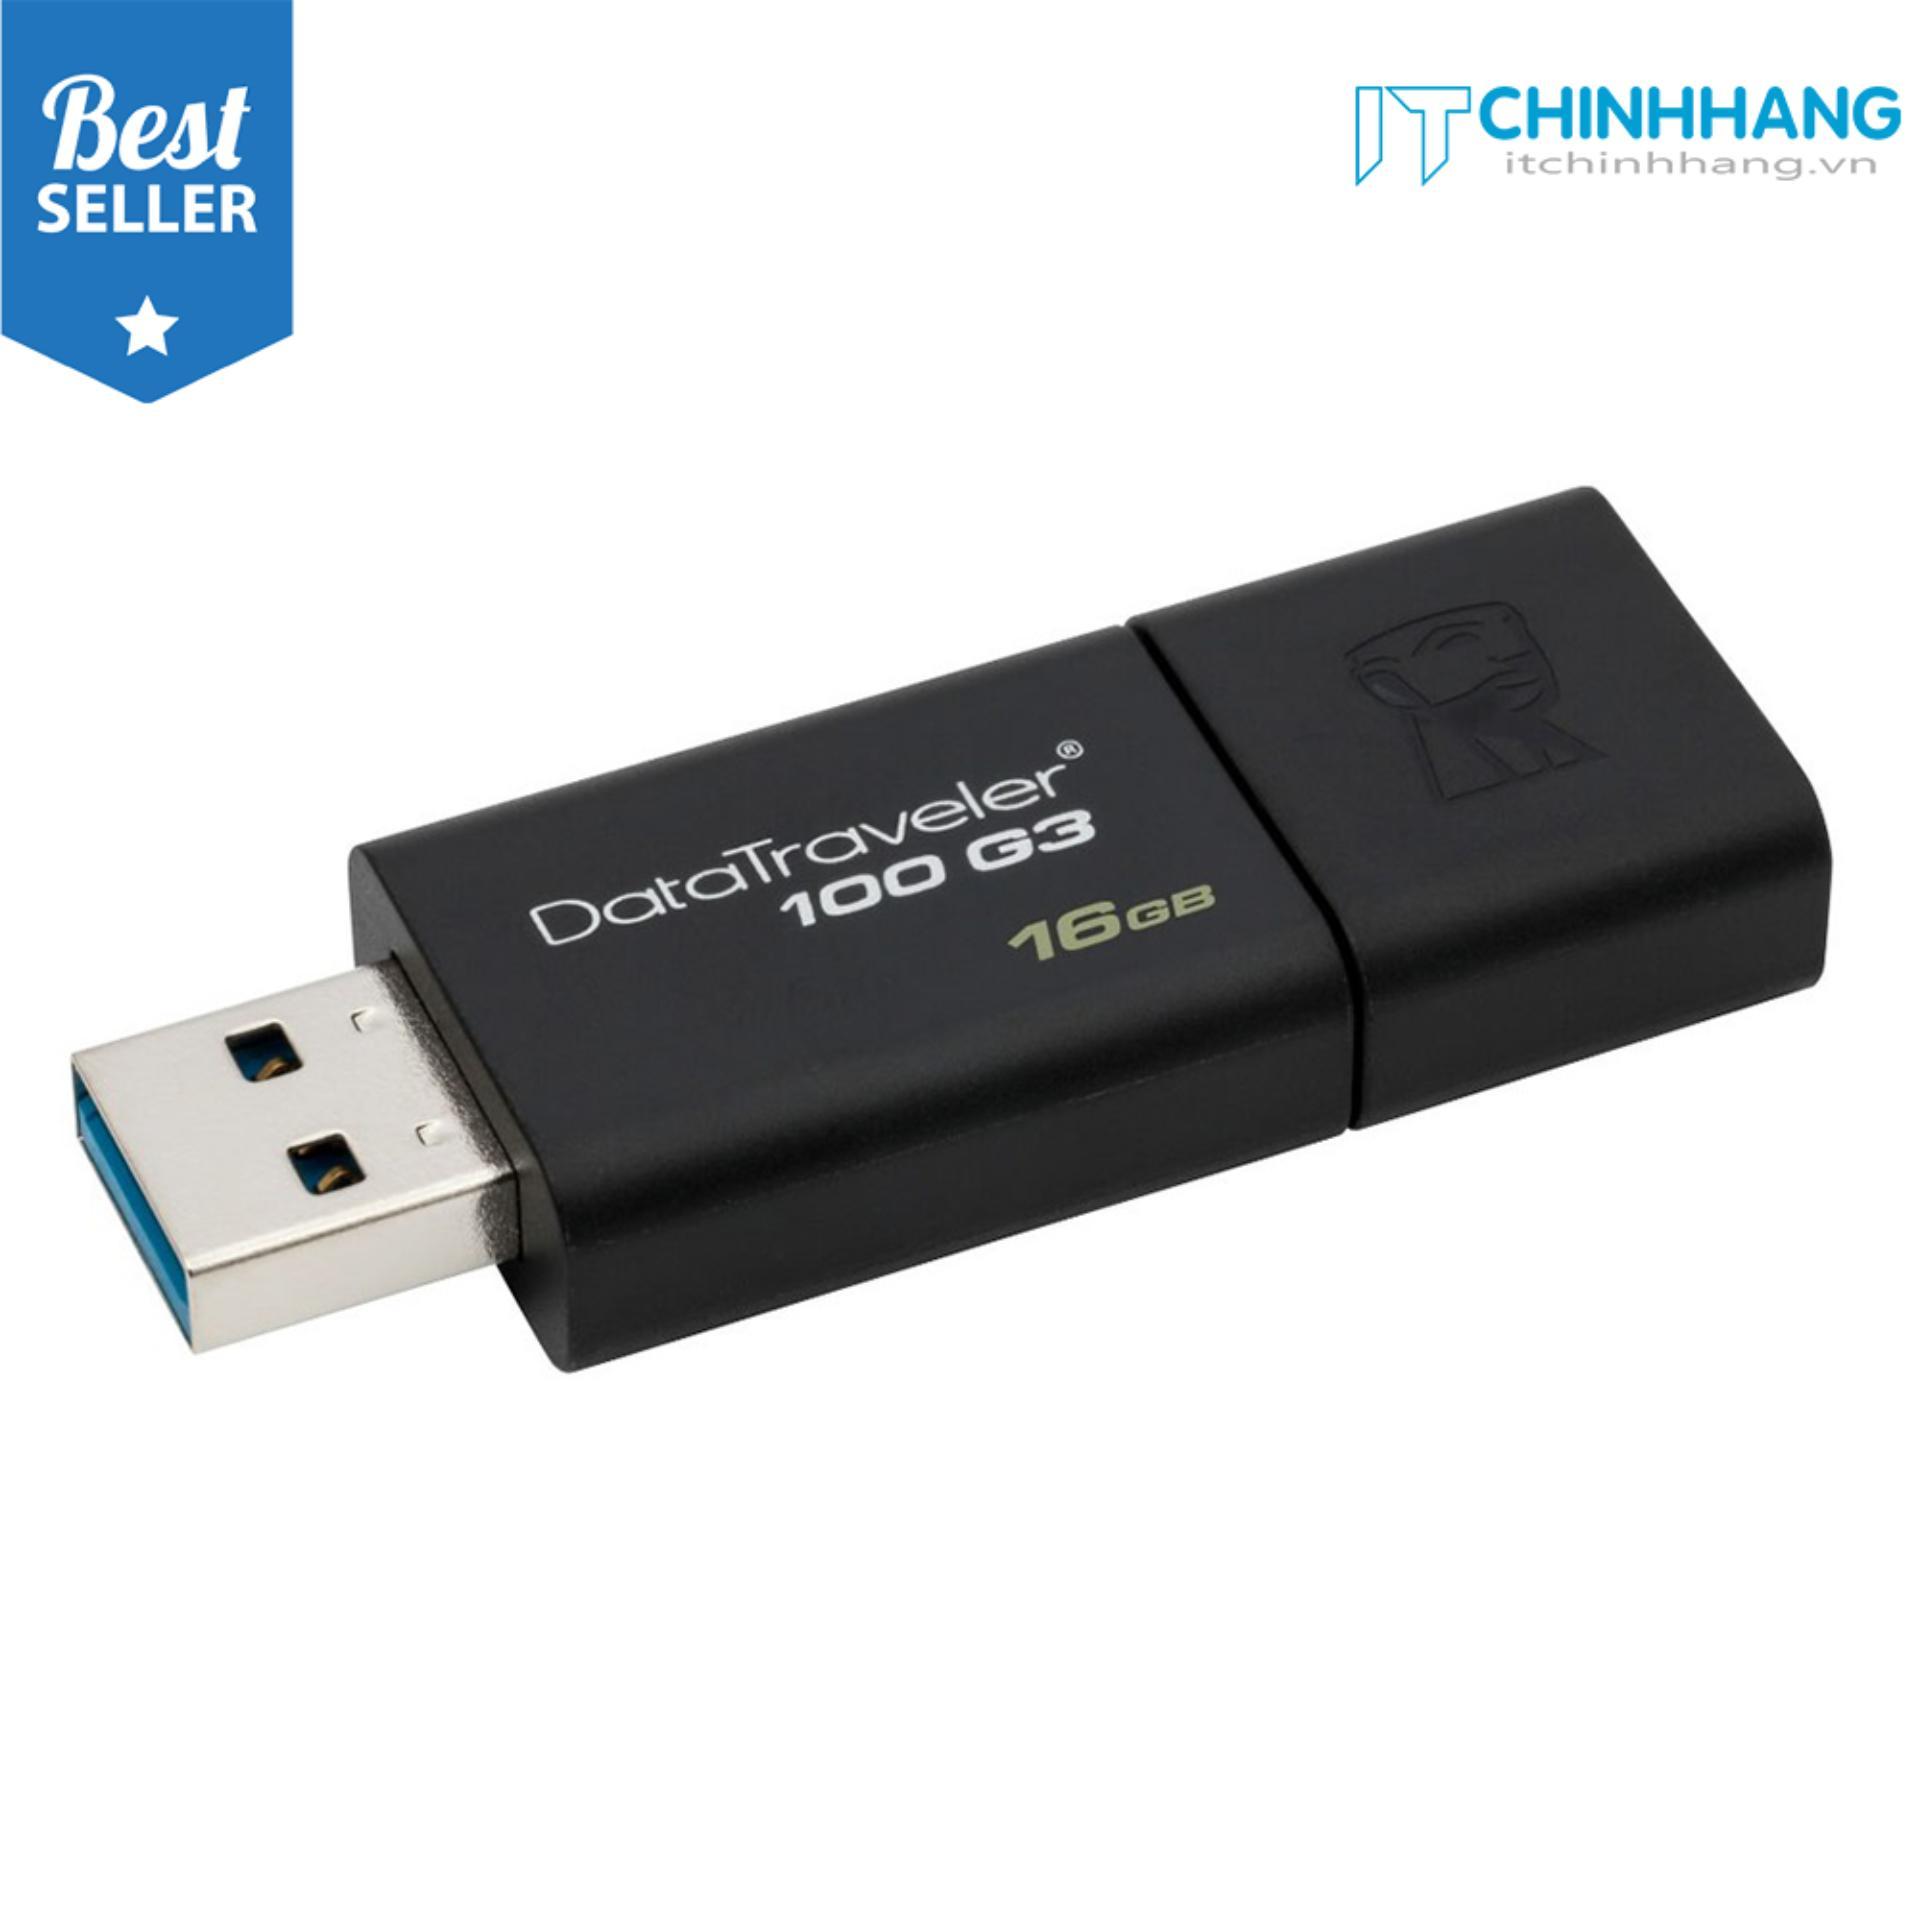 Hình ảnh USB 3.0 Kingston Data Traveler DT100G3 100MB/s 16GB (Đen) - HÃNG PHÂN PHỐI CHÍNH THỨC